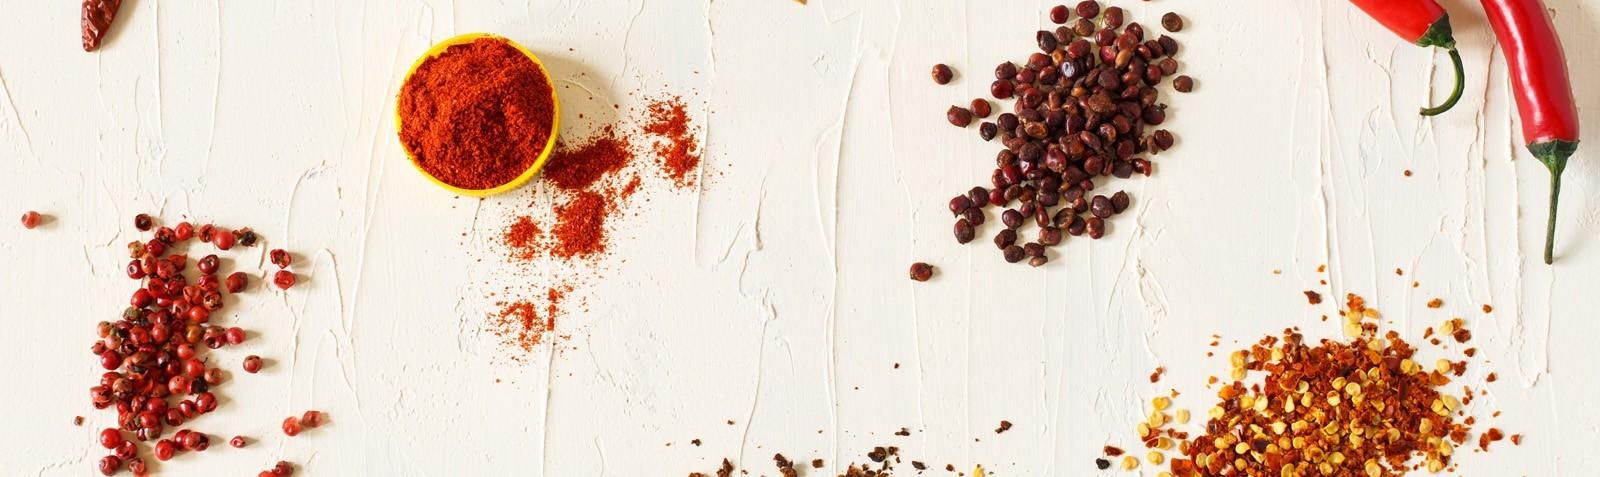 Spezie ed erbe aromatiche per cucinare con gusto